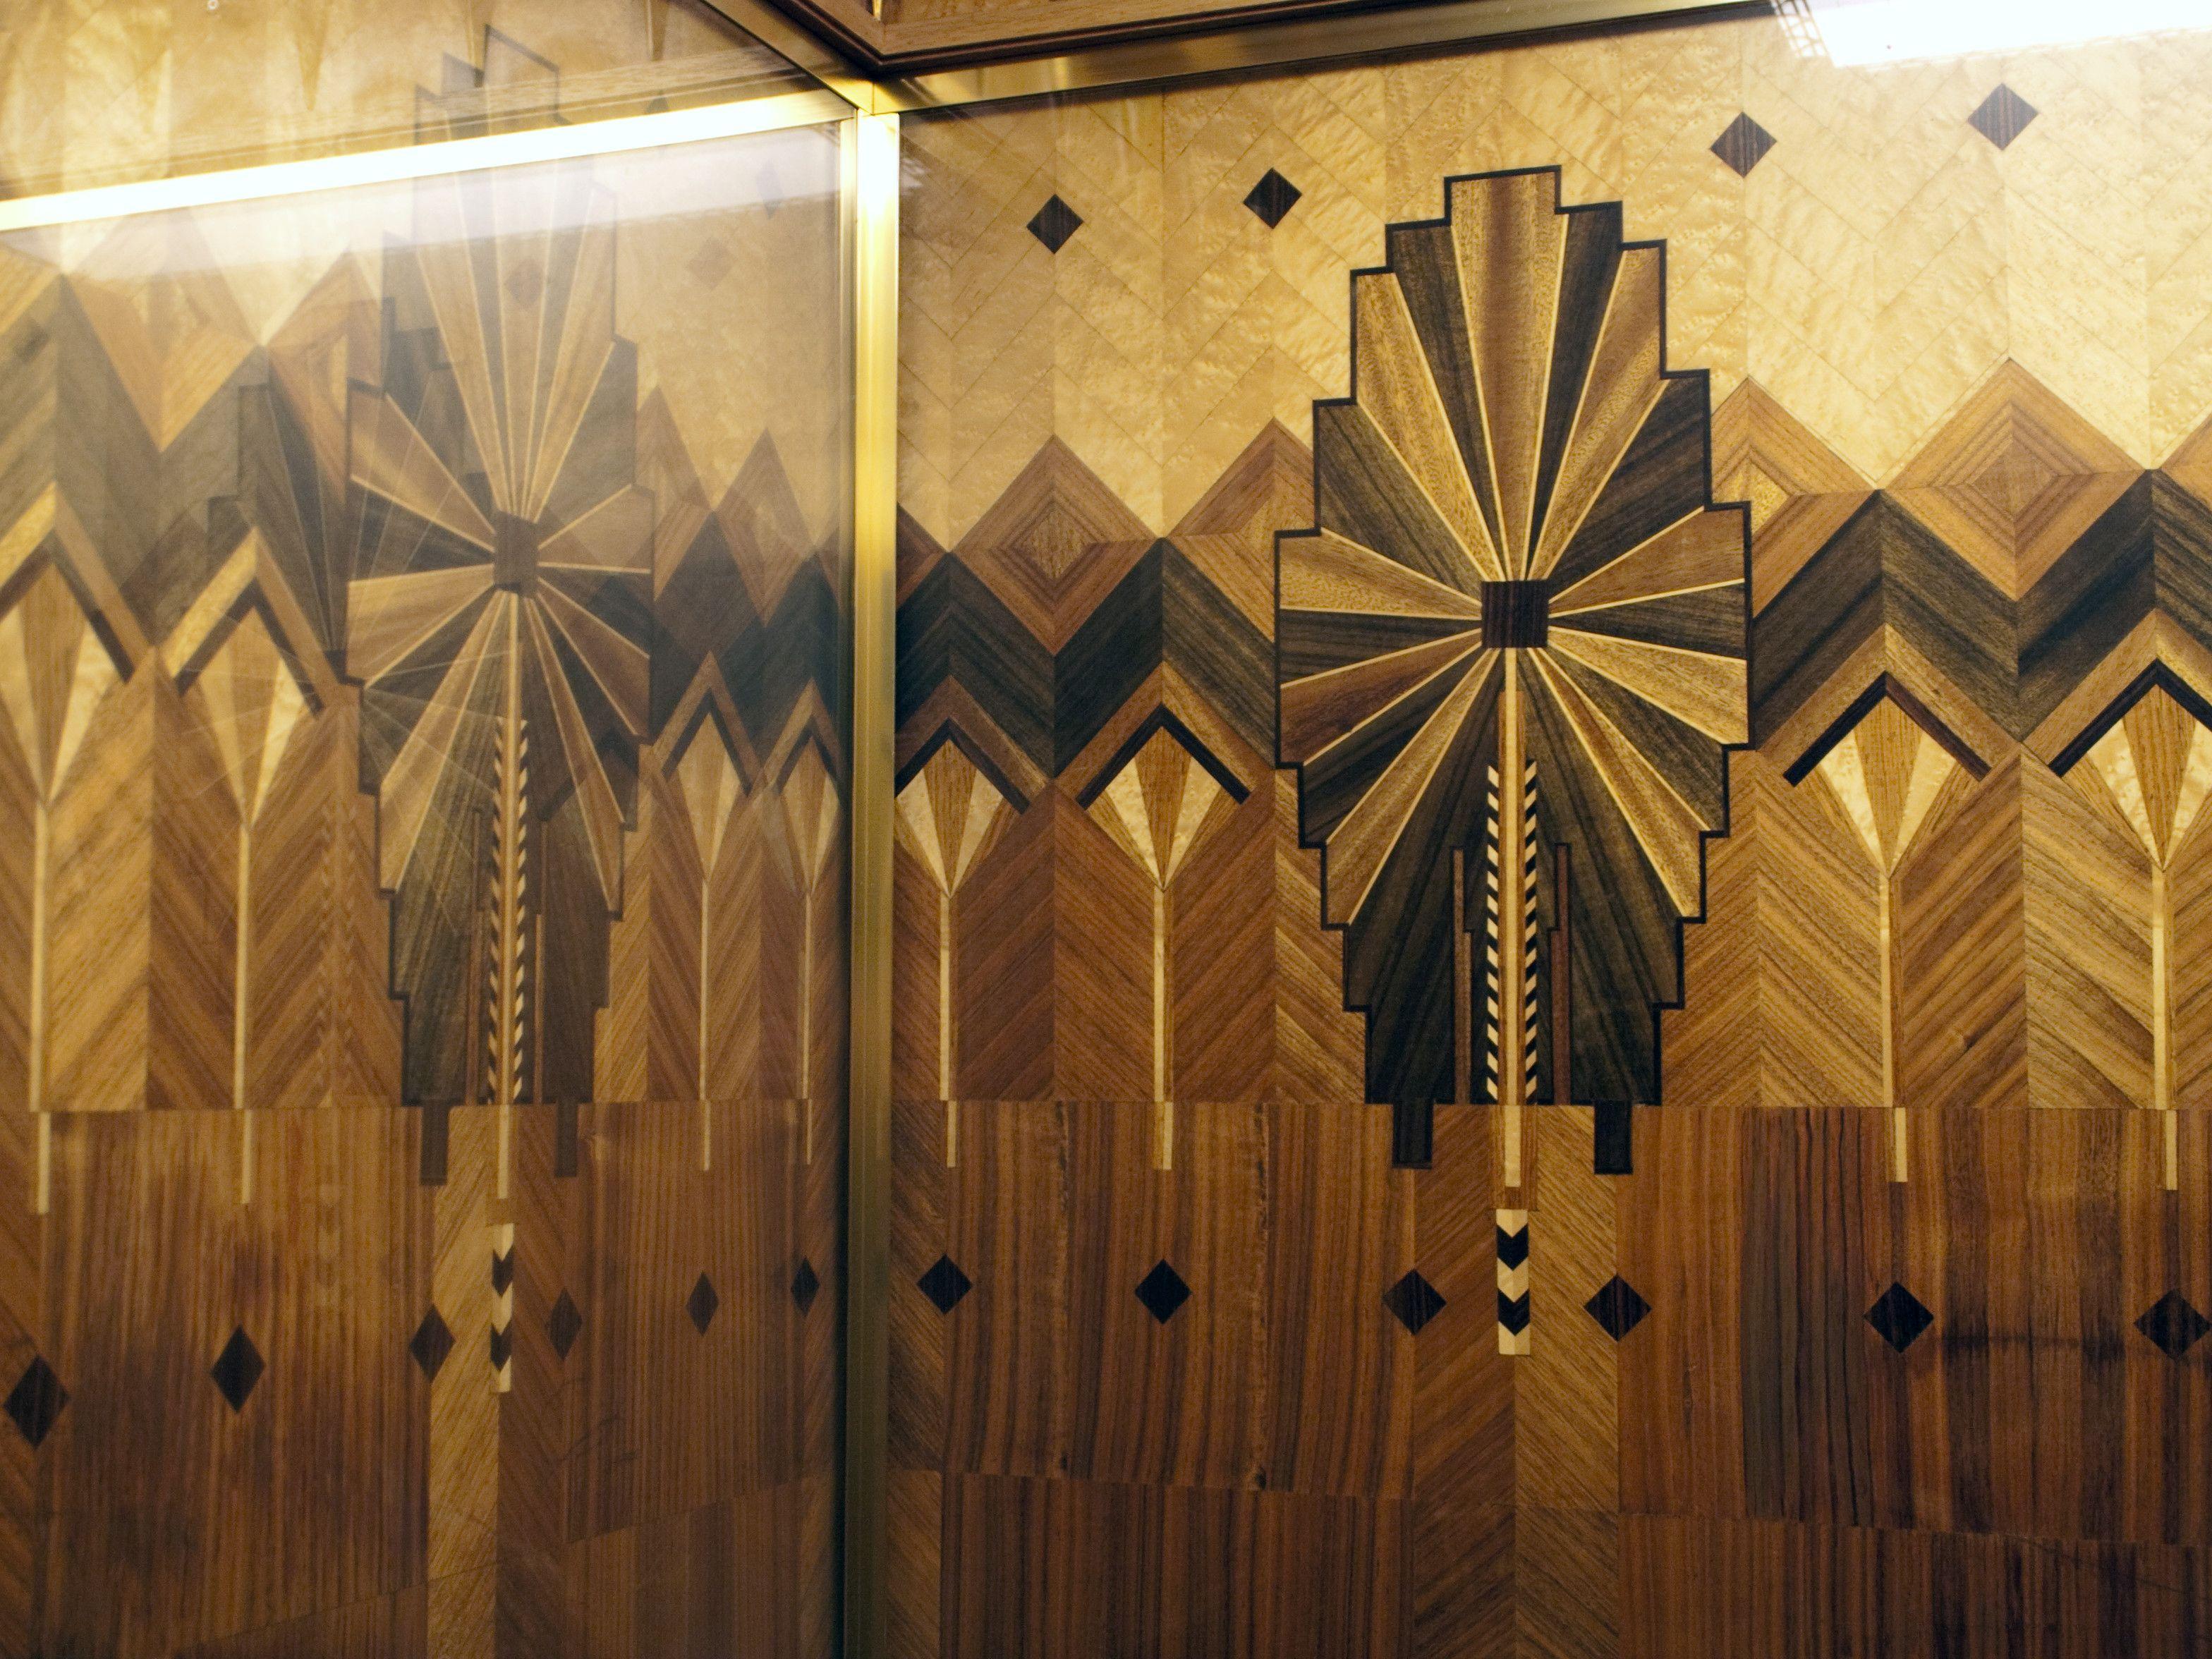 Empire state building art deco google search art deco for Empire state building art deco interior